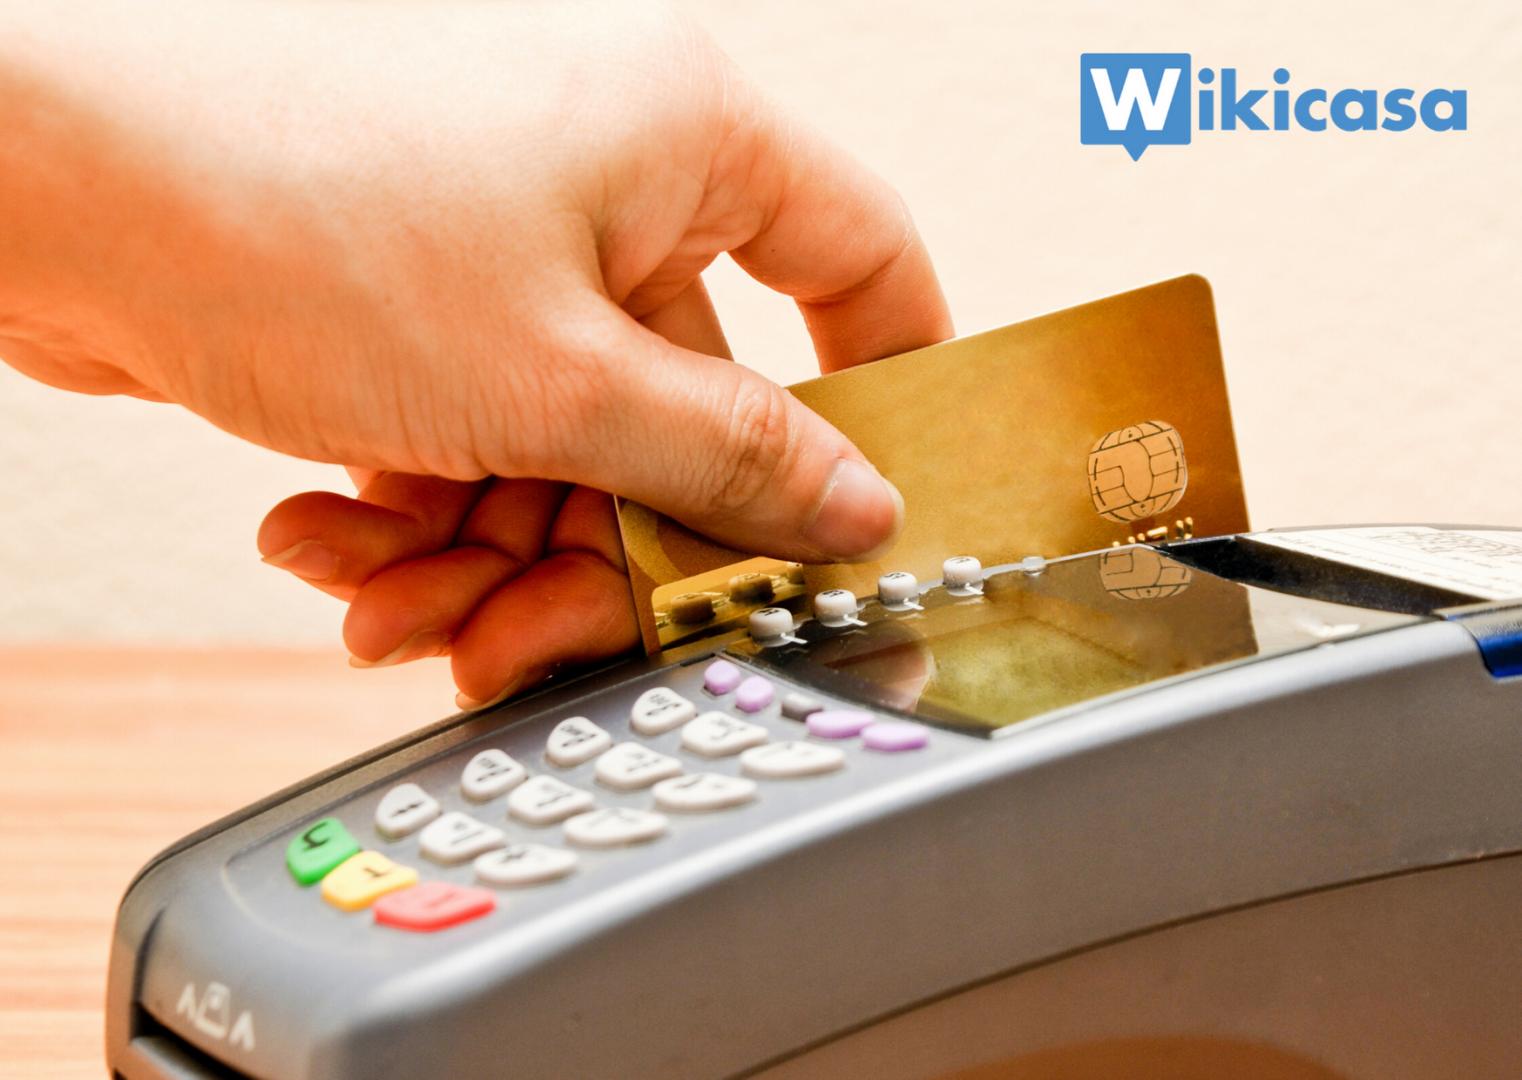 Fiscalità: dal 1 Luglio nuova soglia per uso del contante e credito d'imposta per pagamenti effettuati con mezzi tracciabili